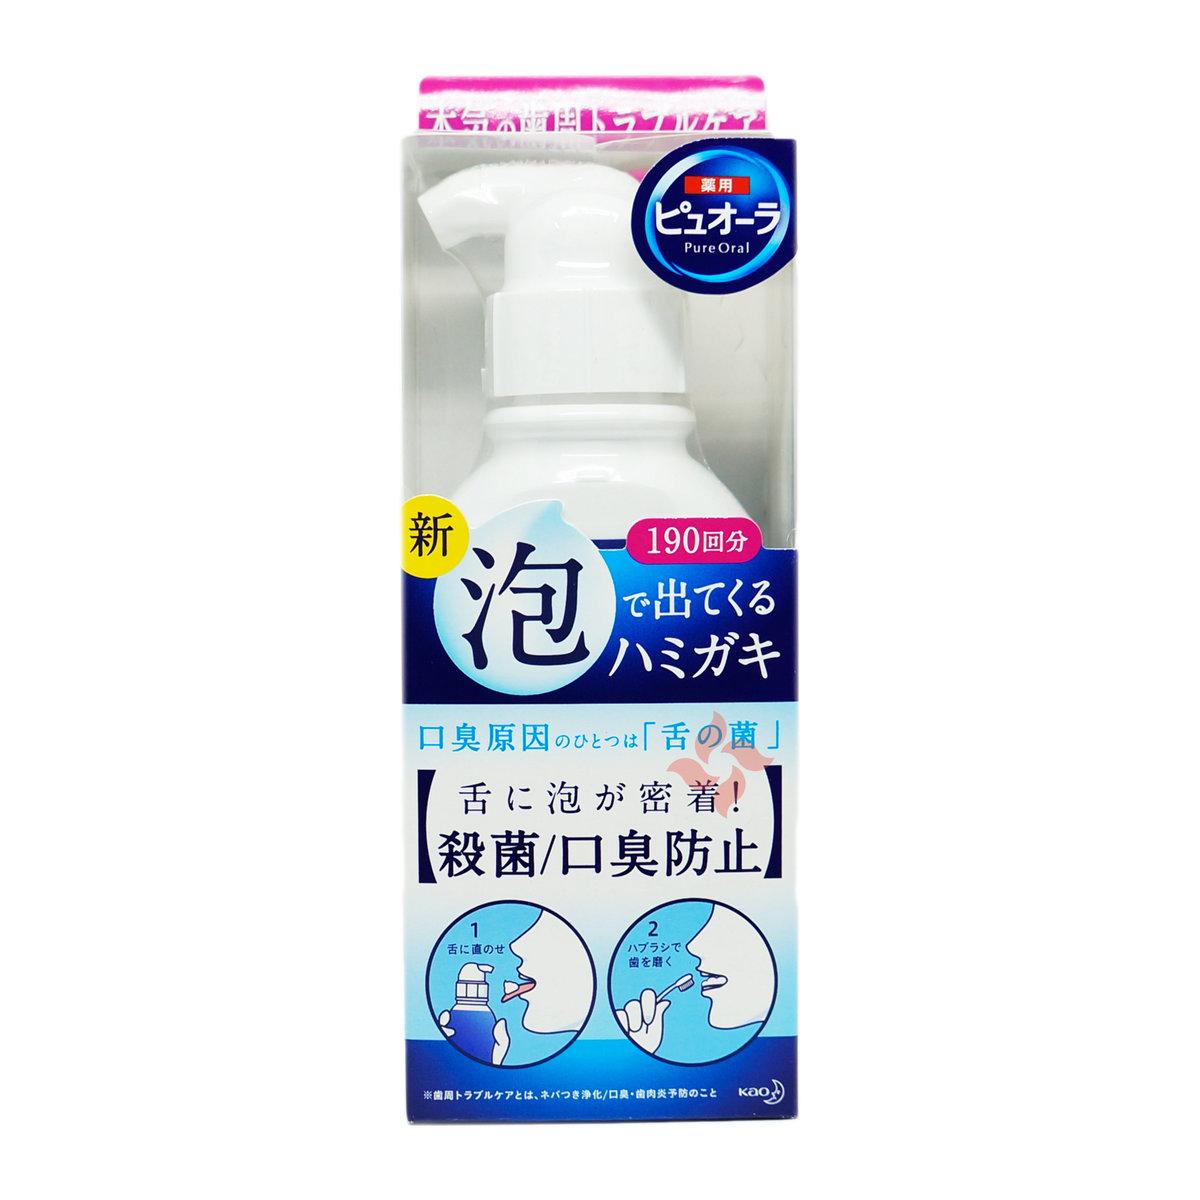 藥用預防口臭牙齦炎泡沫牙膏 190ml (4901301307828)